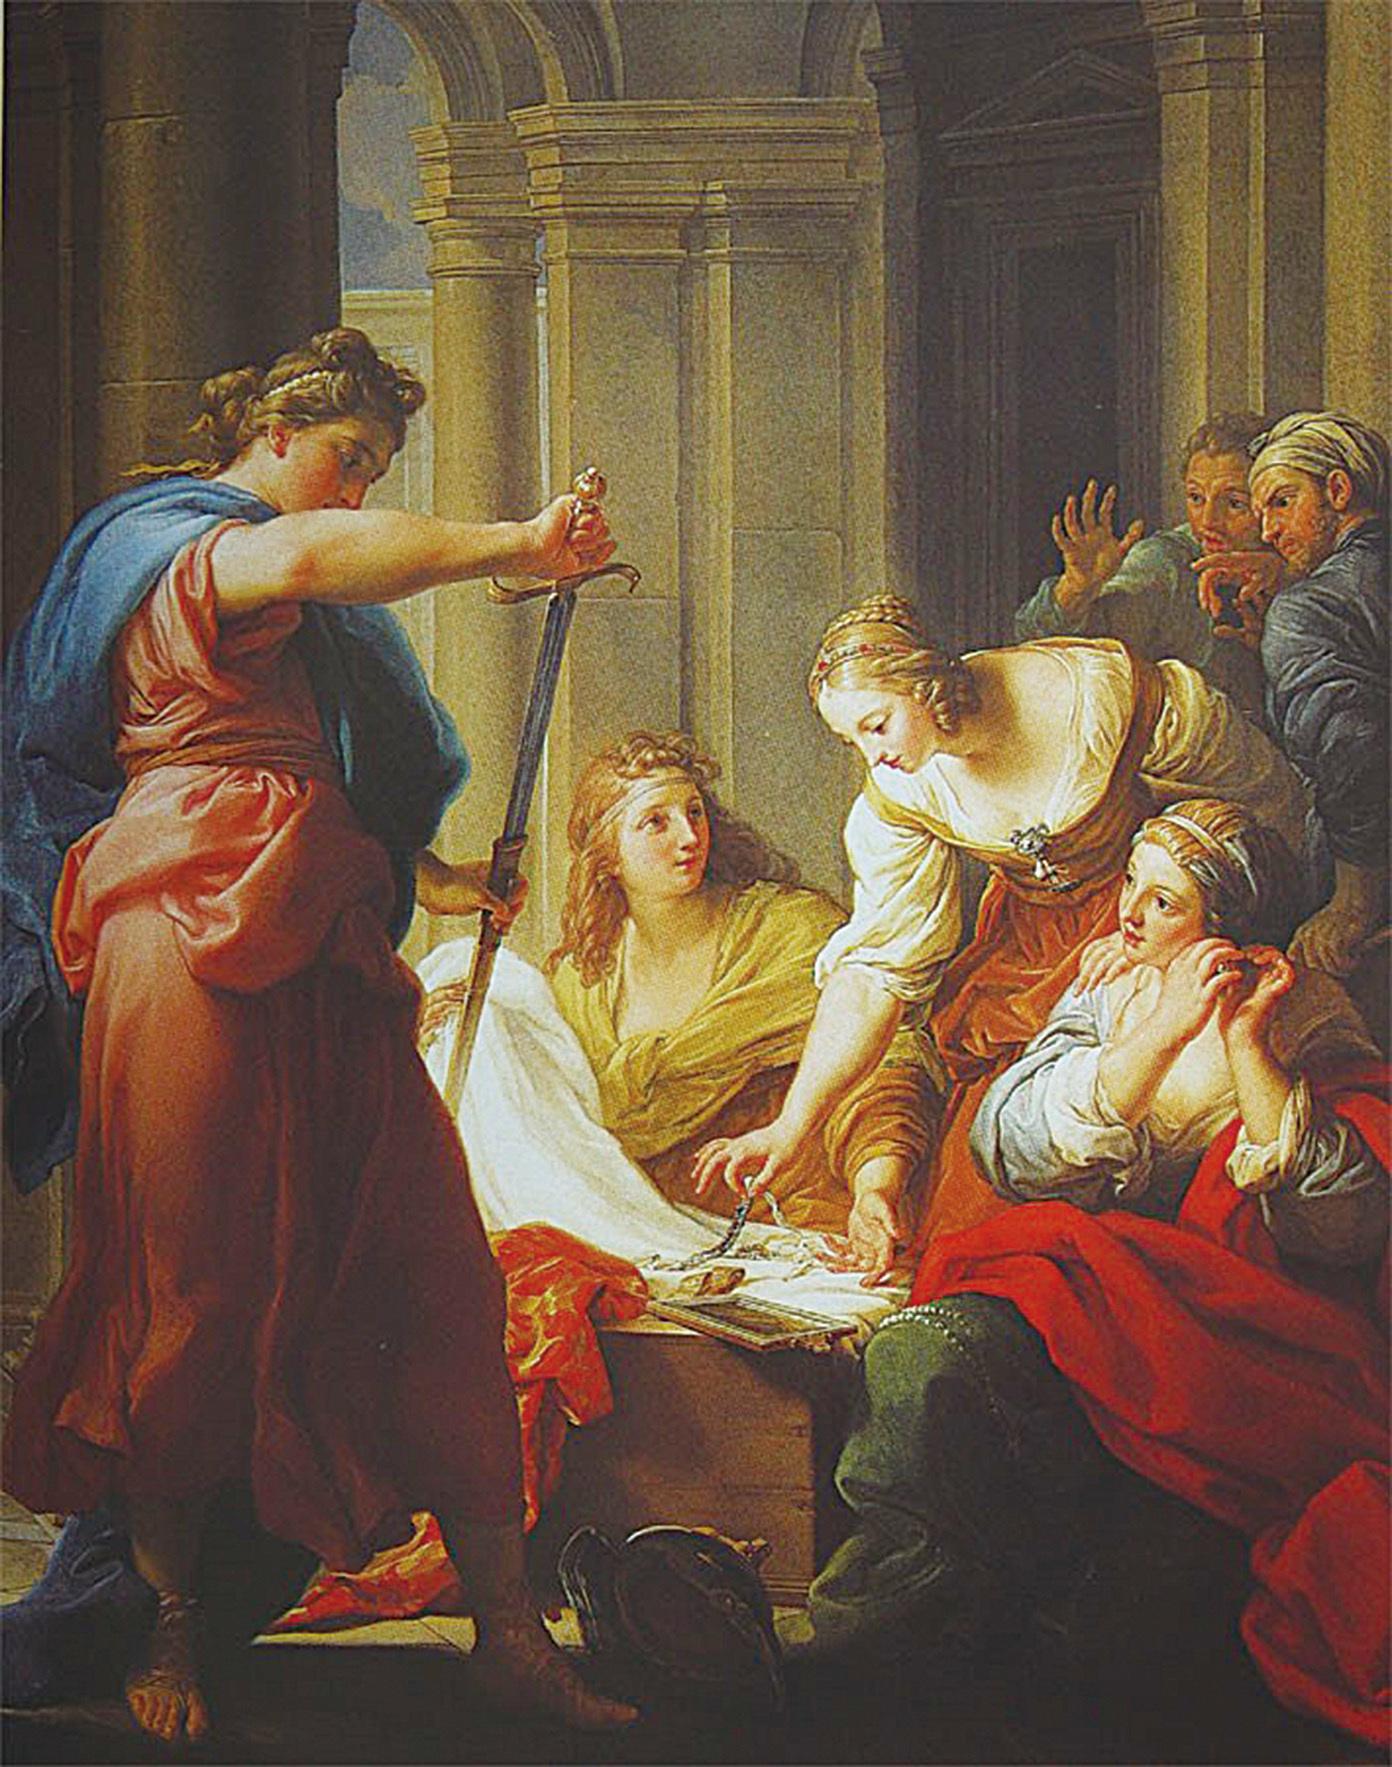 【畫中有話】阿基里斯在呂科墨得斯王宮